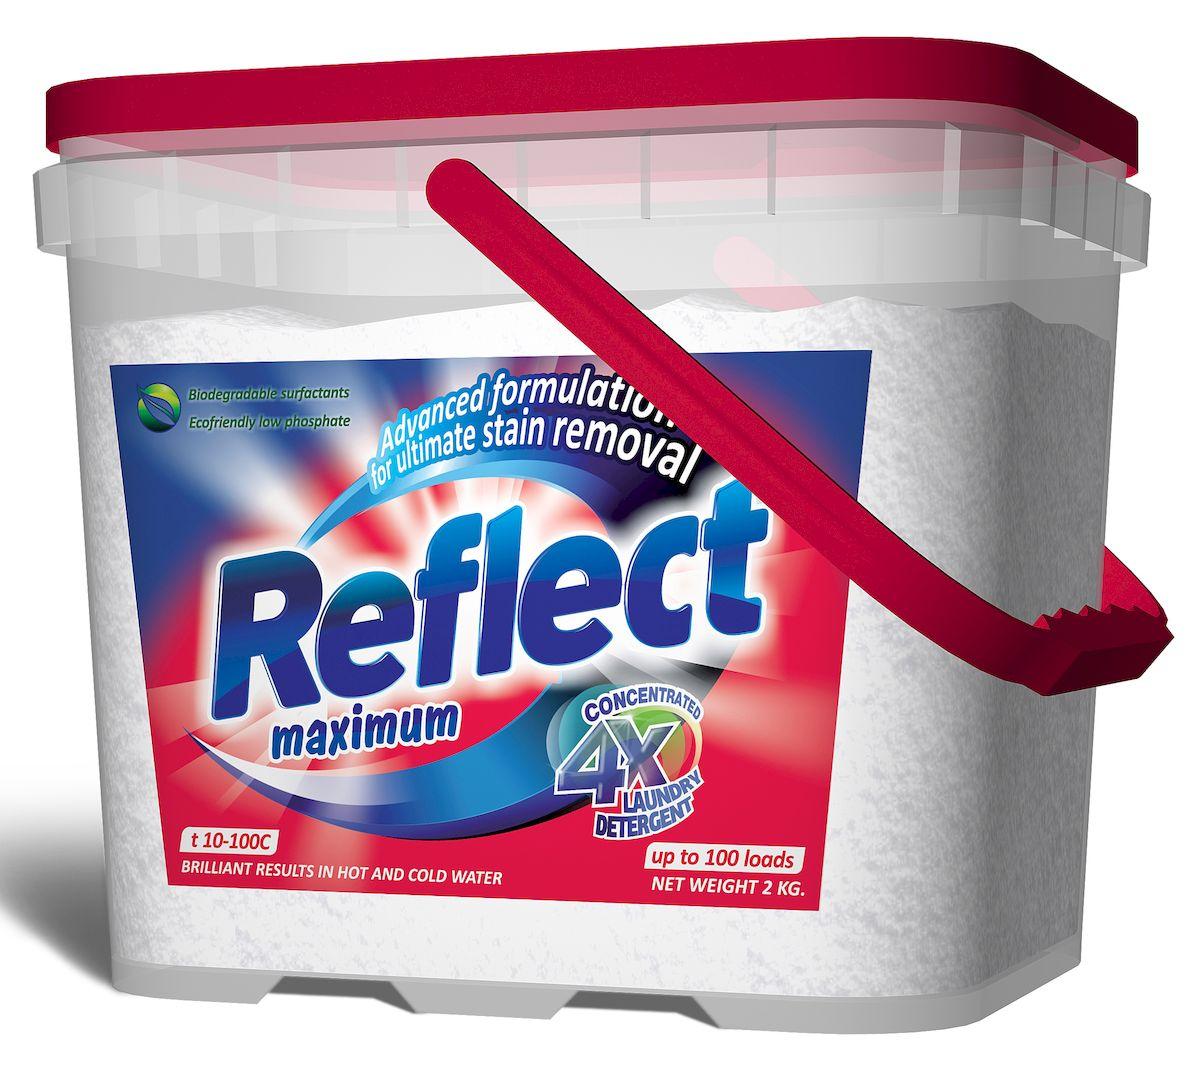 Стиральный порошок Reflect Maximum, для цветного и белого белья, 2 кг15050Reflect 2 кг – для стирки цветного и белого белья из хлопковых и смешанных волокон. Композитные энзимы TRIZYME (трайзайм) - глубоко проникают в ткань, удаляют грязь и неприятные запахи (включая пятна и запах пота), предотвращают серость и желтизну. Специальные добавки - помогают сохранять и поддерживать структуру ткани, предупреждая появление и образование катышек. Уникальная COLOUR CARE formula формула защиты цвета - защищает и поддерживает насыщенность цветовой гаммы изделия от стирки к стирке.Optical brightener (оптический отбеливатель) - отвечает за белизну белого белья и яркость цветного.